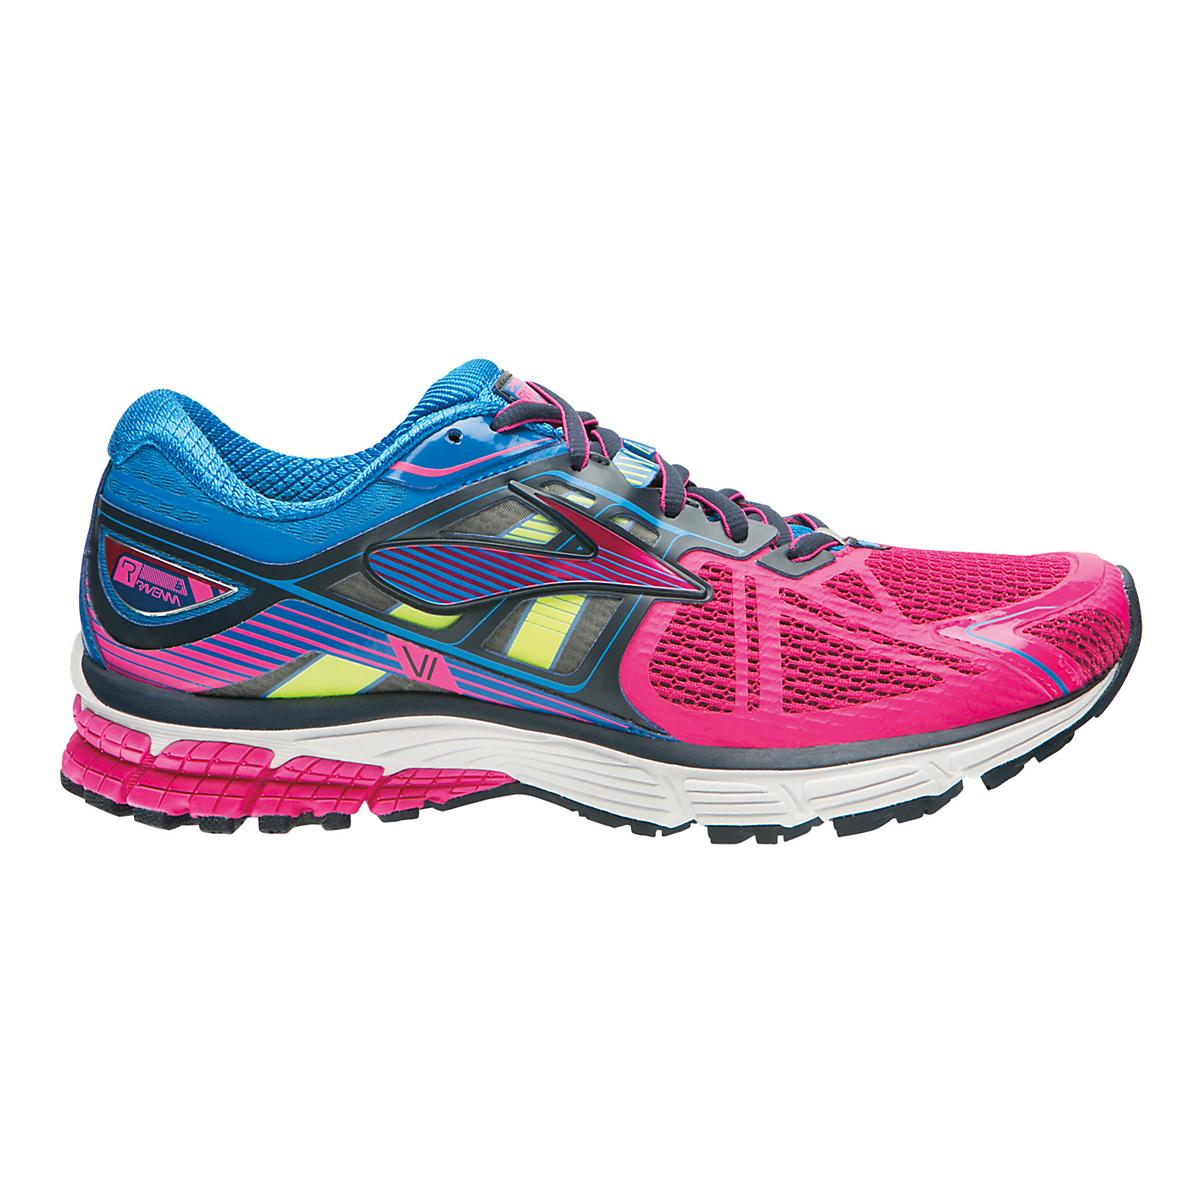 c5b45614260 Womens Brooks Ravenna 6 Running Shoe at Road Runner Sports